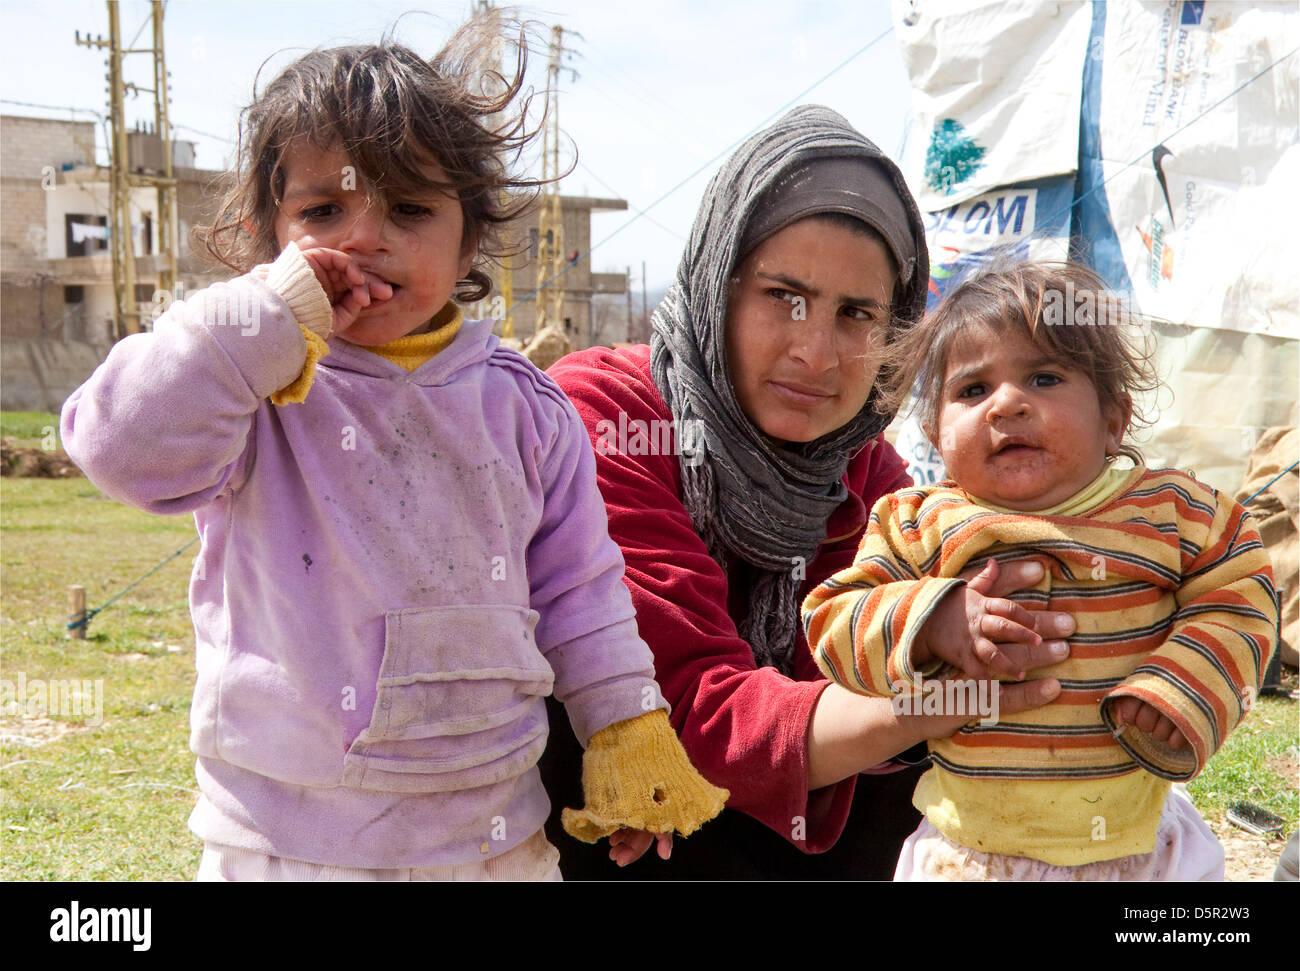 Famille de réfugiés syriens, près de la vallée de la Bekaa au Liban Photo Stock